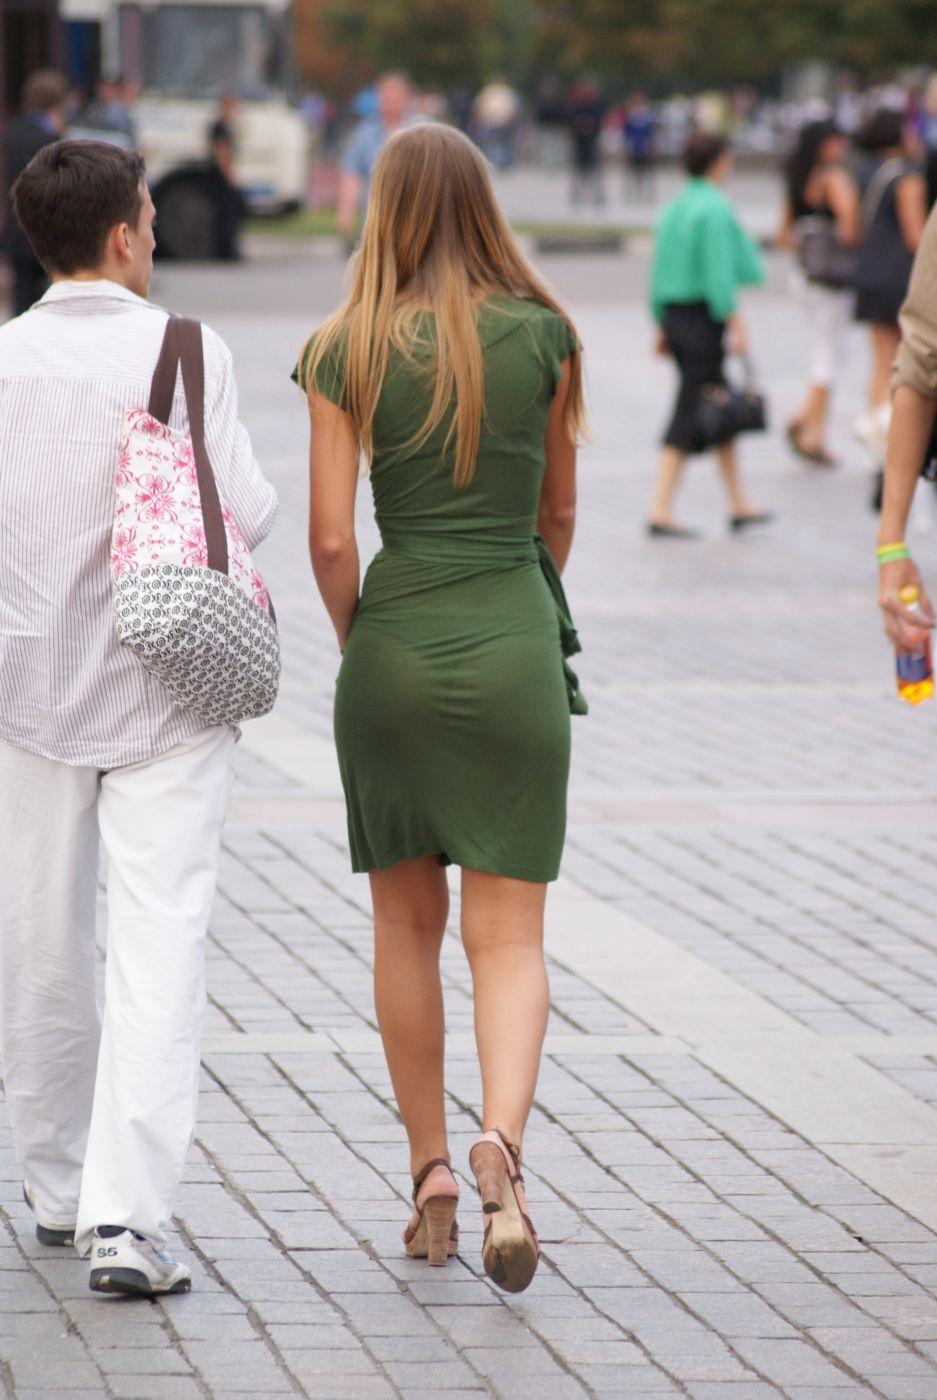 Фото девушек в прозрачной одежде на улице 2 фотография